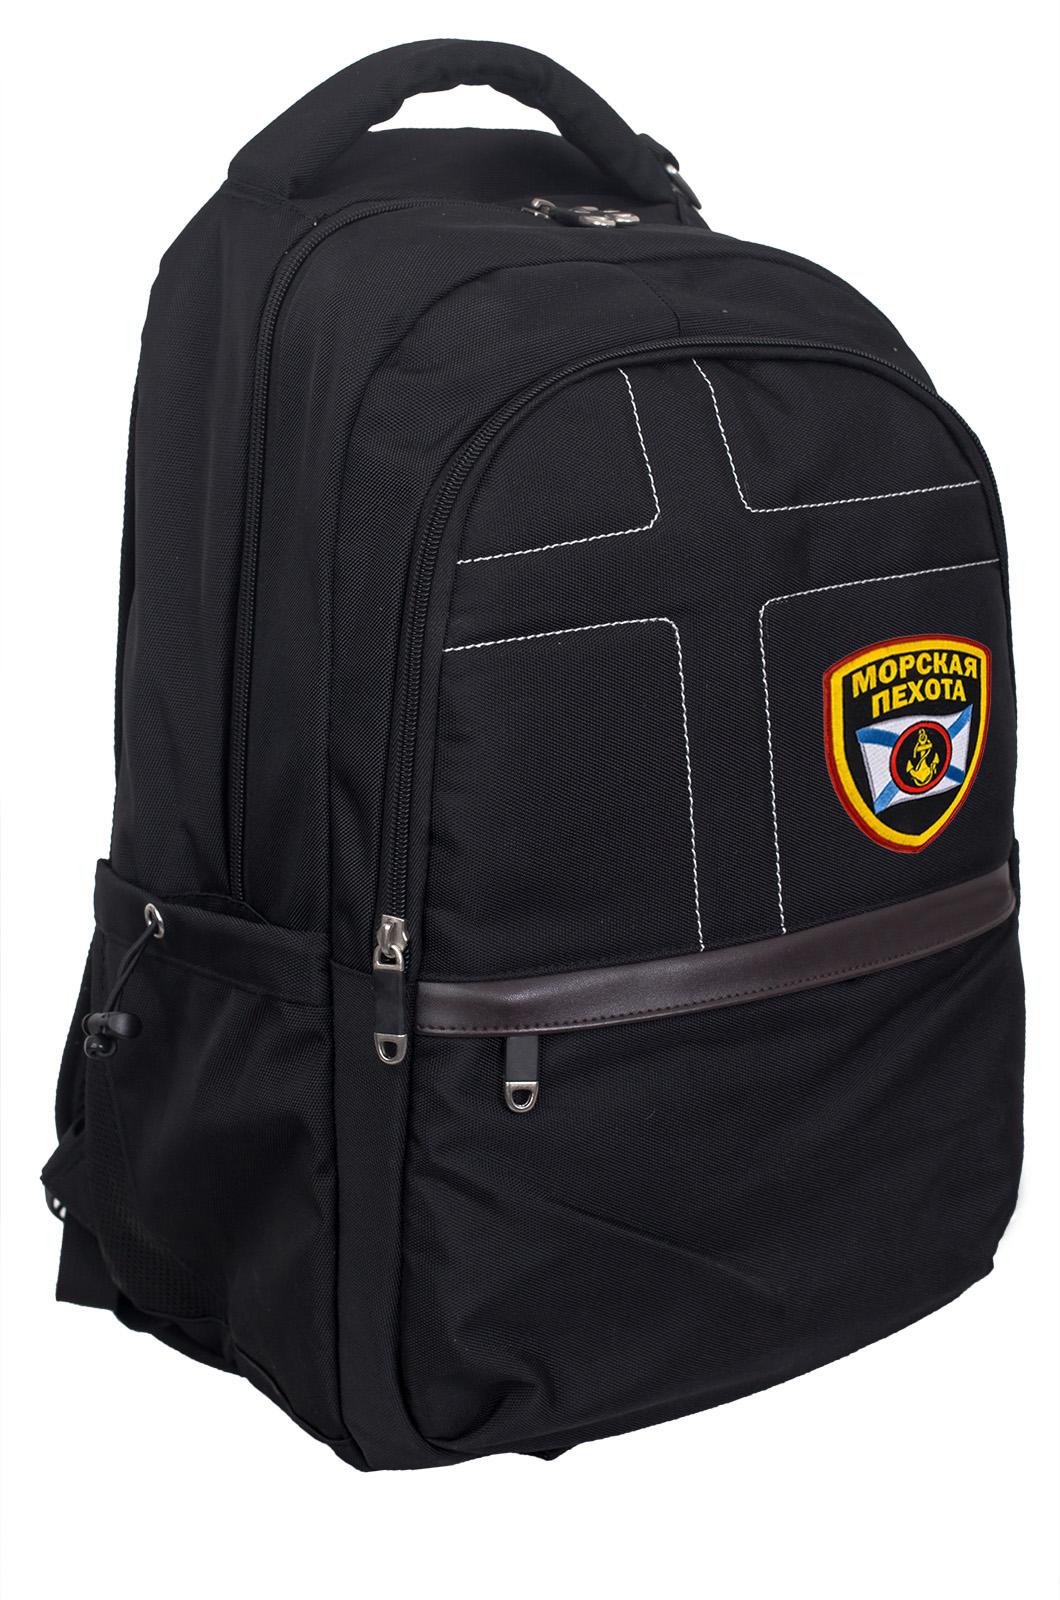 Новый текстильный рюкзак – удобная городская модификация